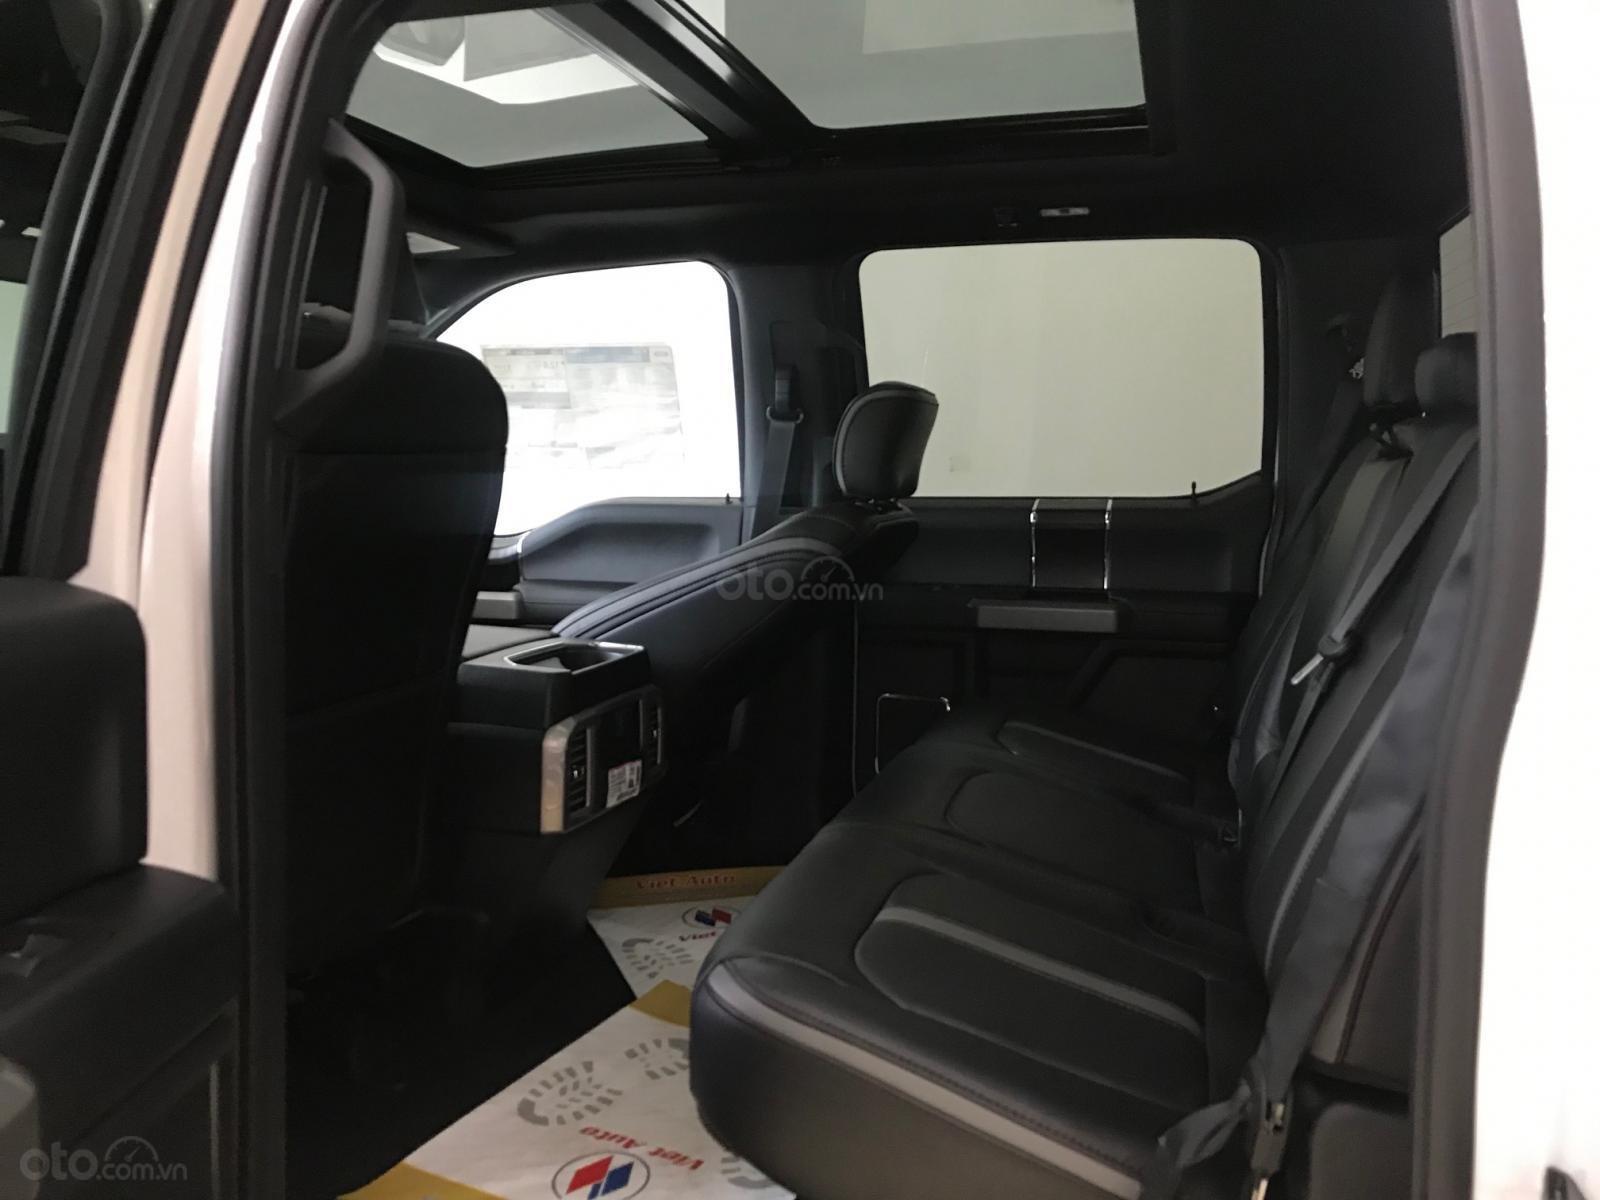 Bán Ford F 150 sản xuất Mỹ, đẳng cấp bán tải, xe giao ngay, LH 0904754444 (10)